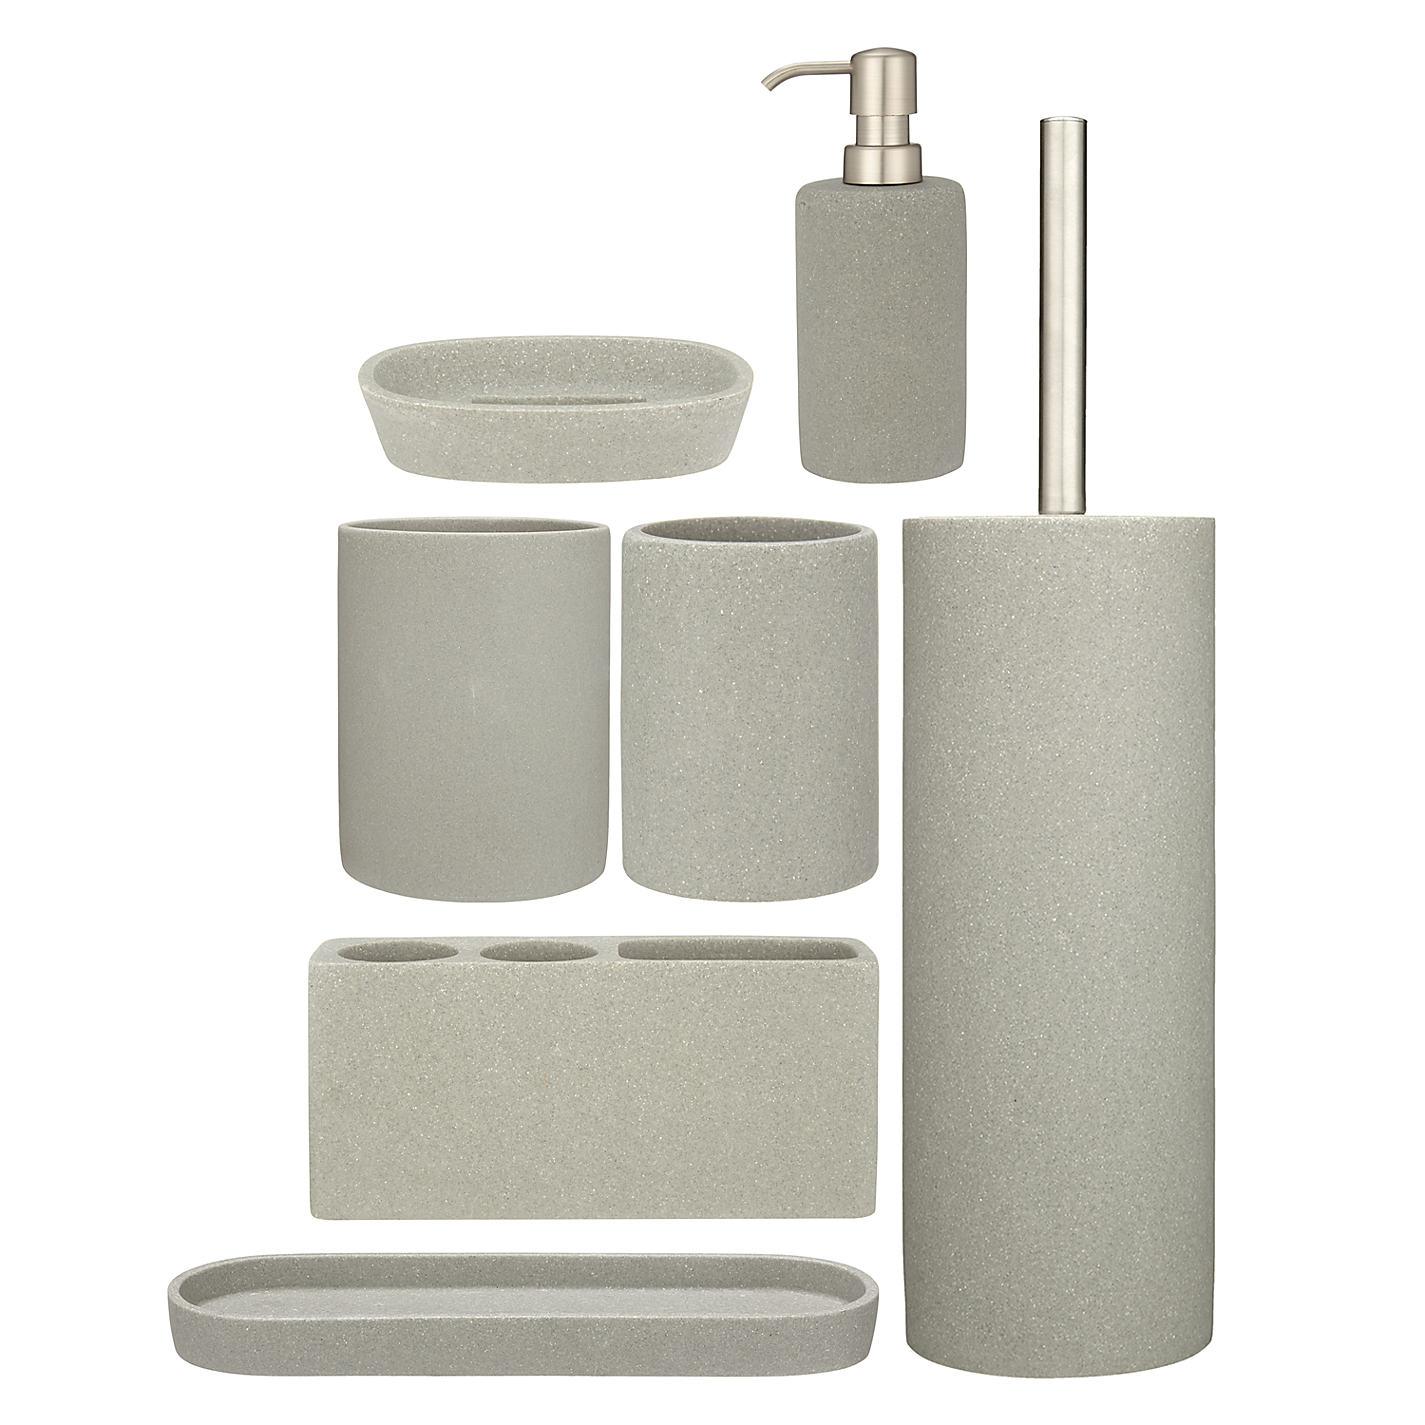 Bathroom accessories john lewis - Buy John Lewis Dune Bathroom Accessories Online At Johnlewis Com